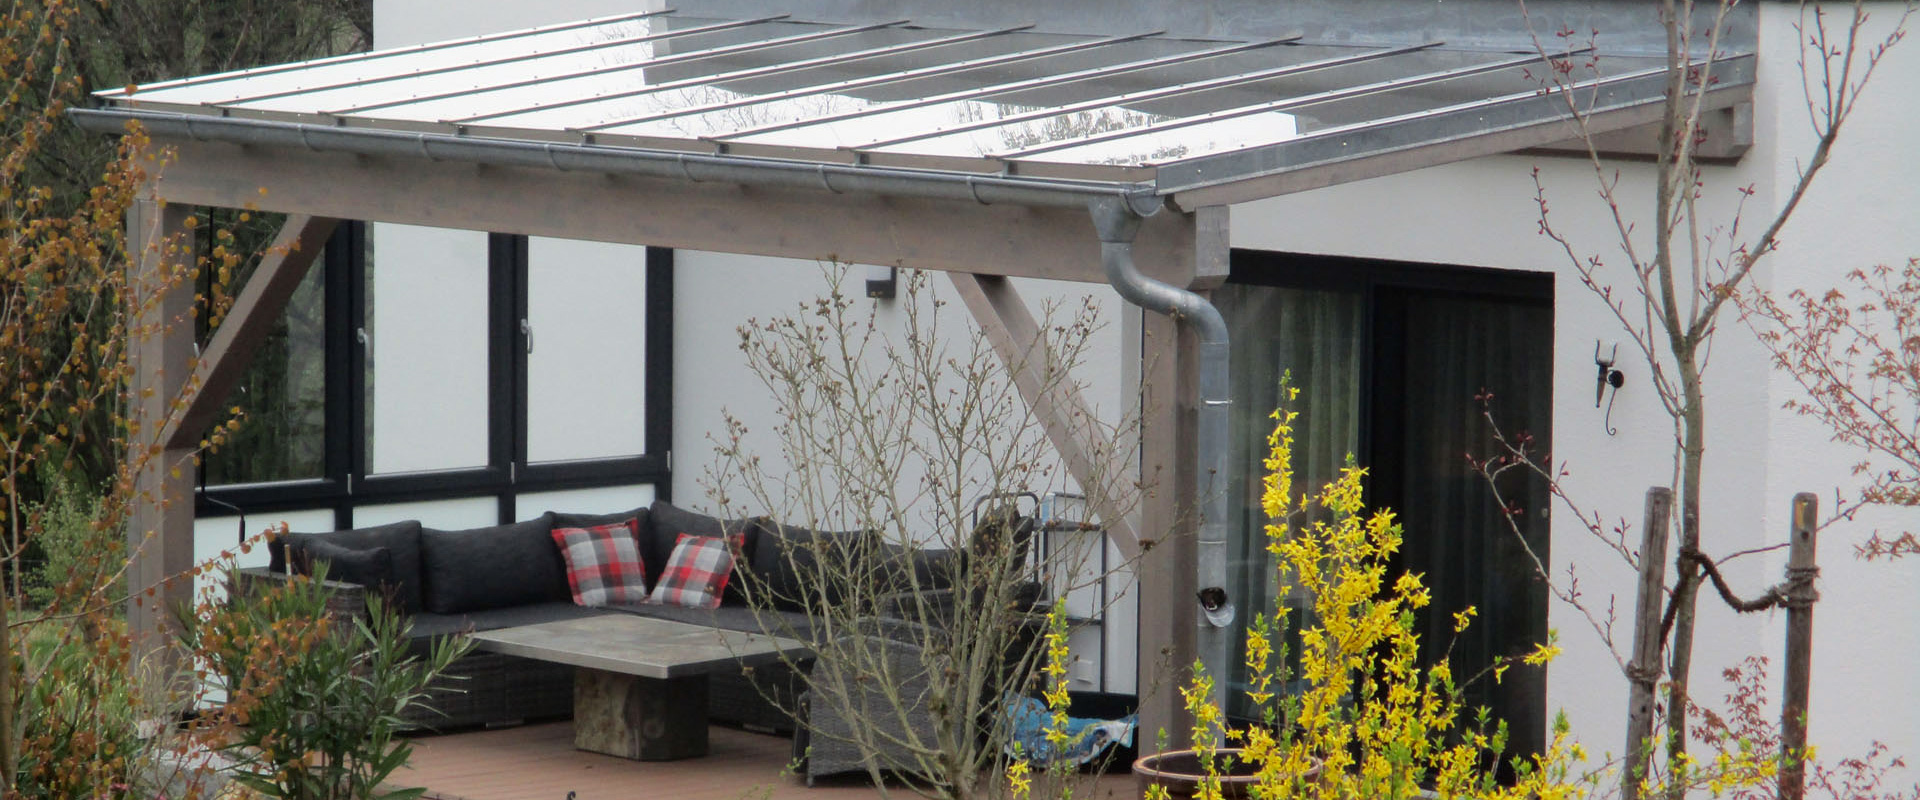 werkstoff holz terrassend cher von abc bauelemente. Black Bedroom Furniture Sets. Home Design Ideas